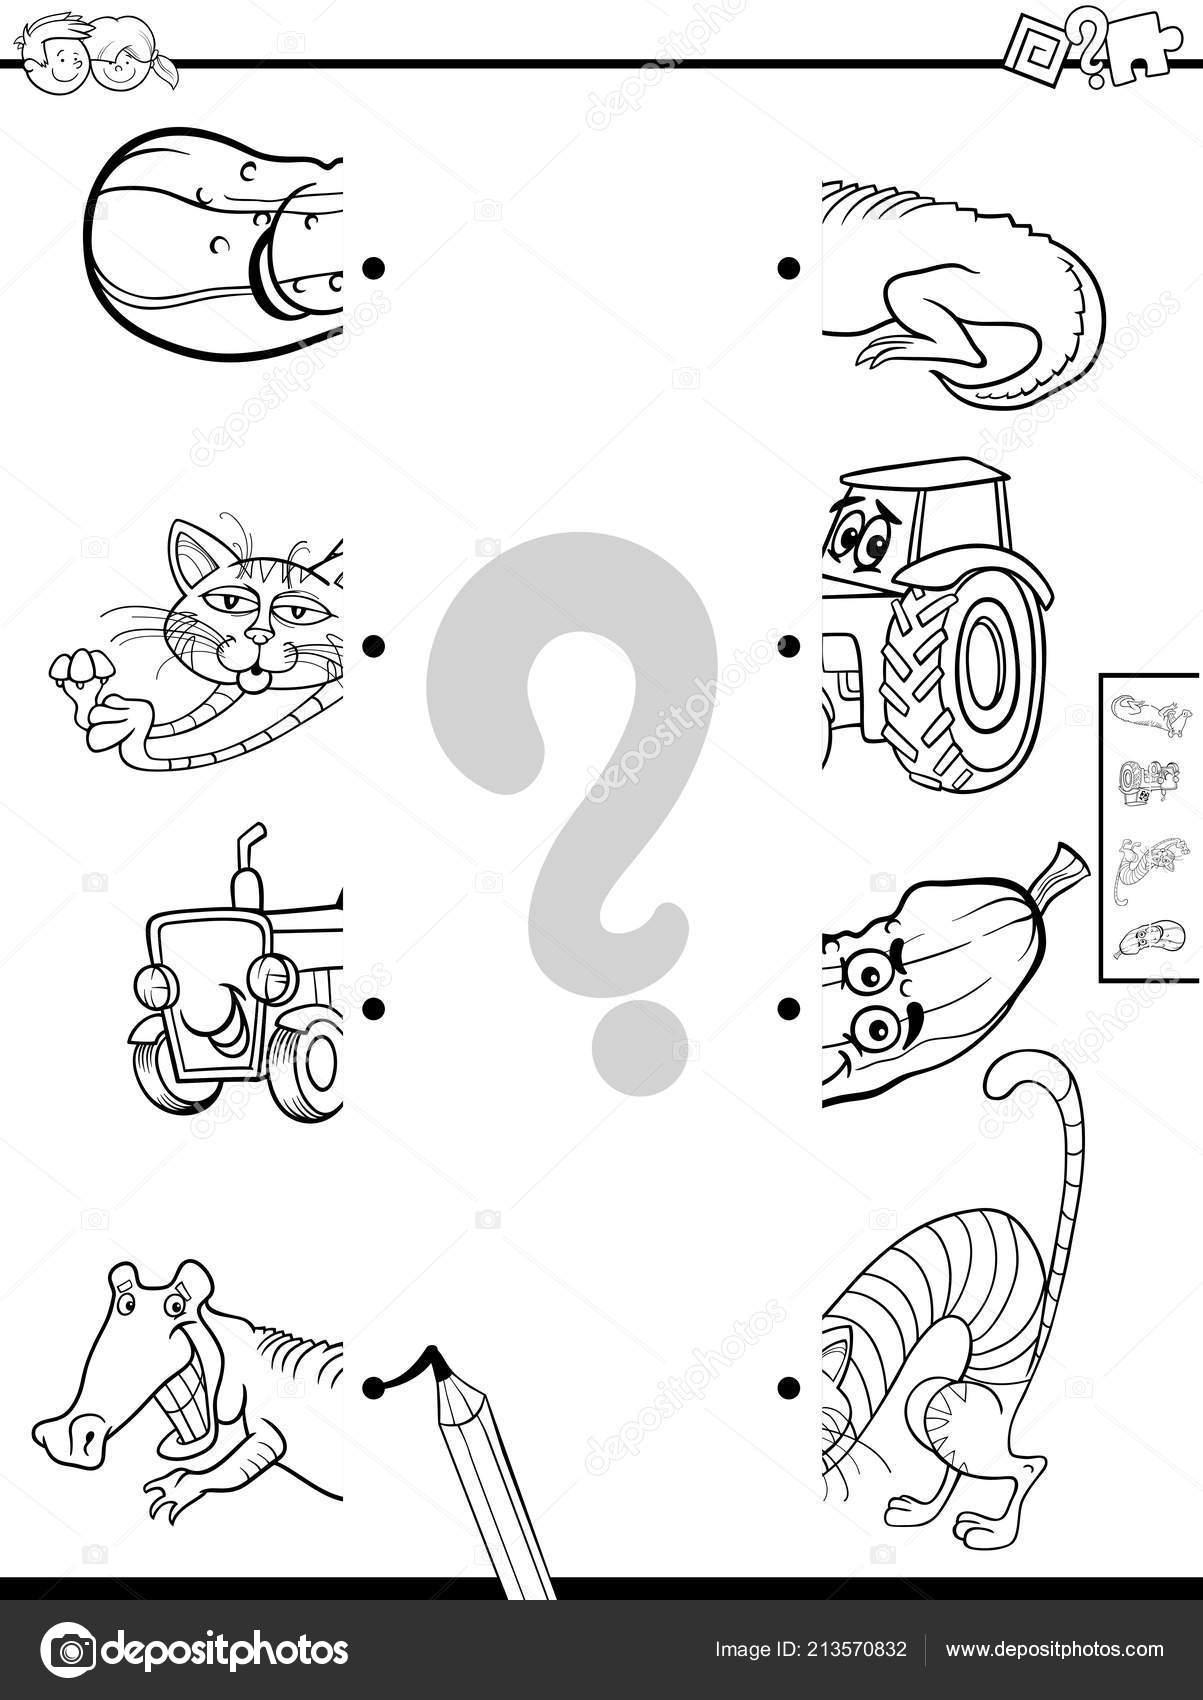 Ilustración Dibujos Animados Blanco Negro Juego Educativo